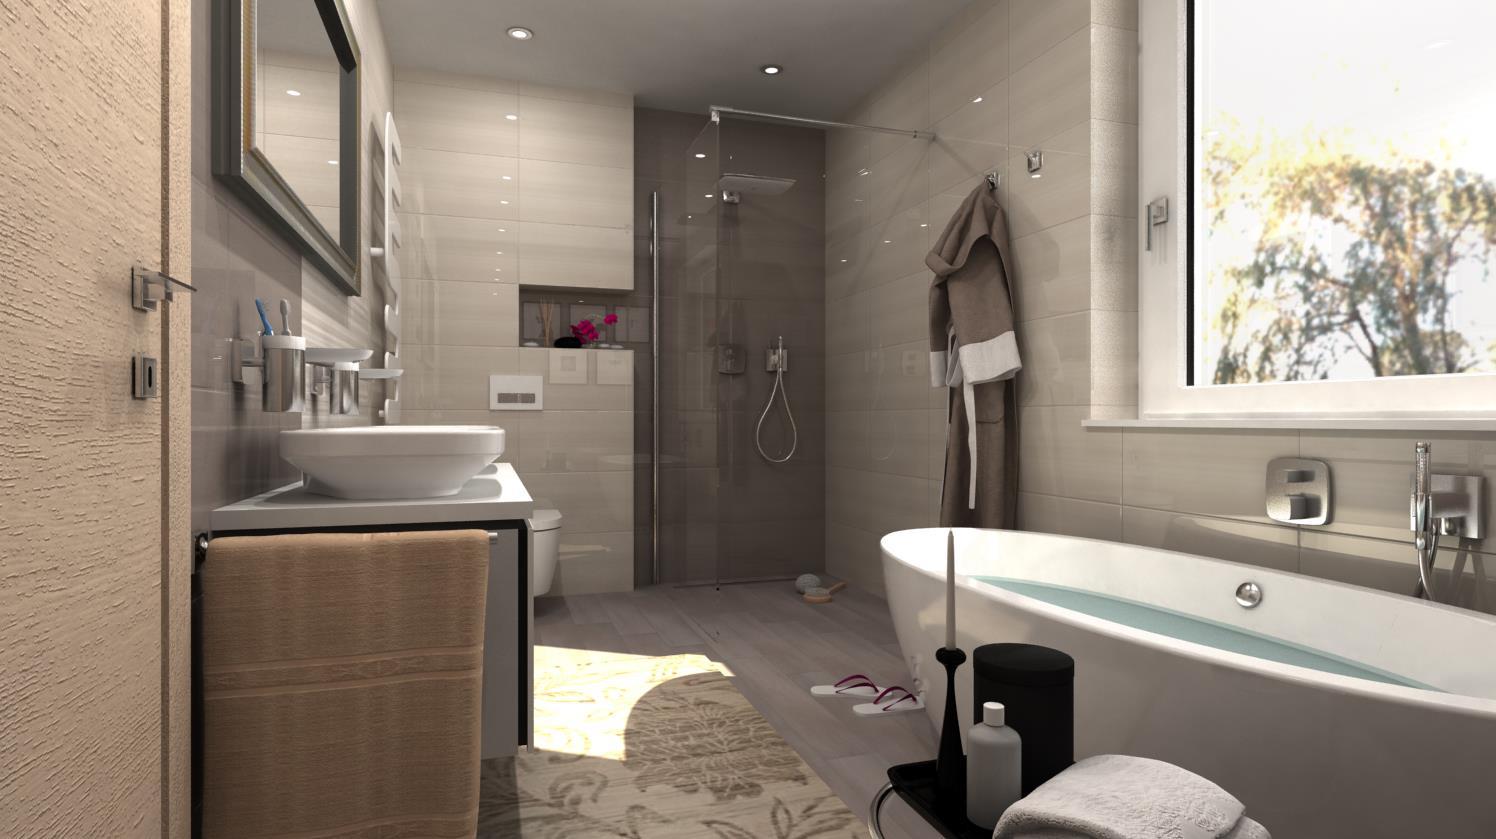 Vizualizácie kúpeľní - Obrázok č. 7